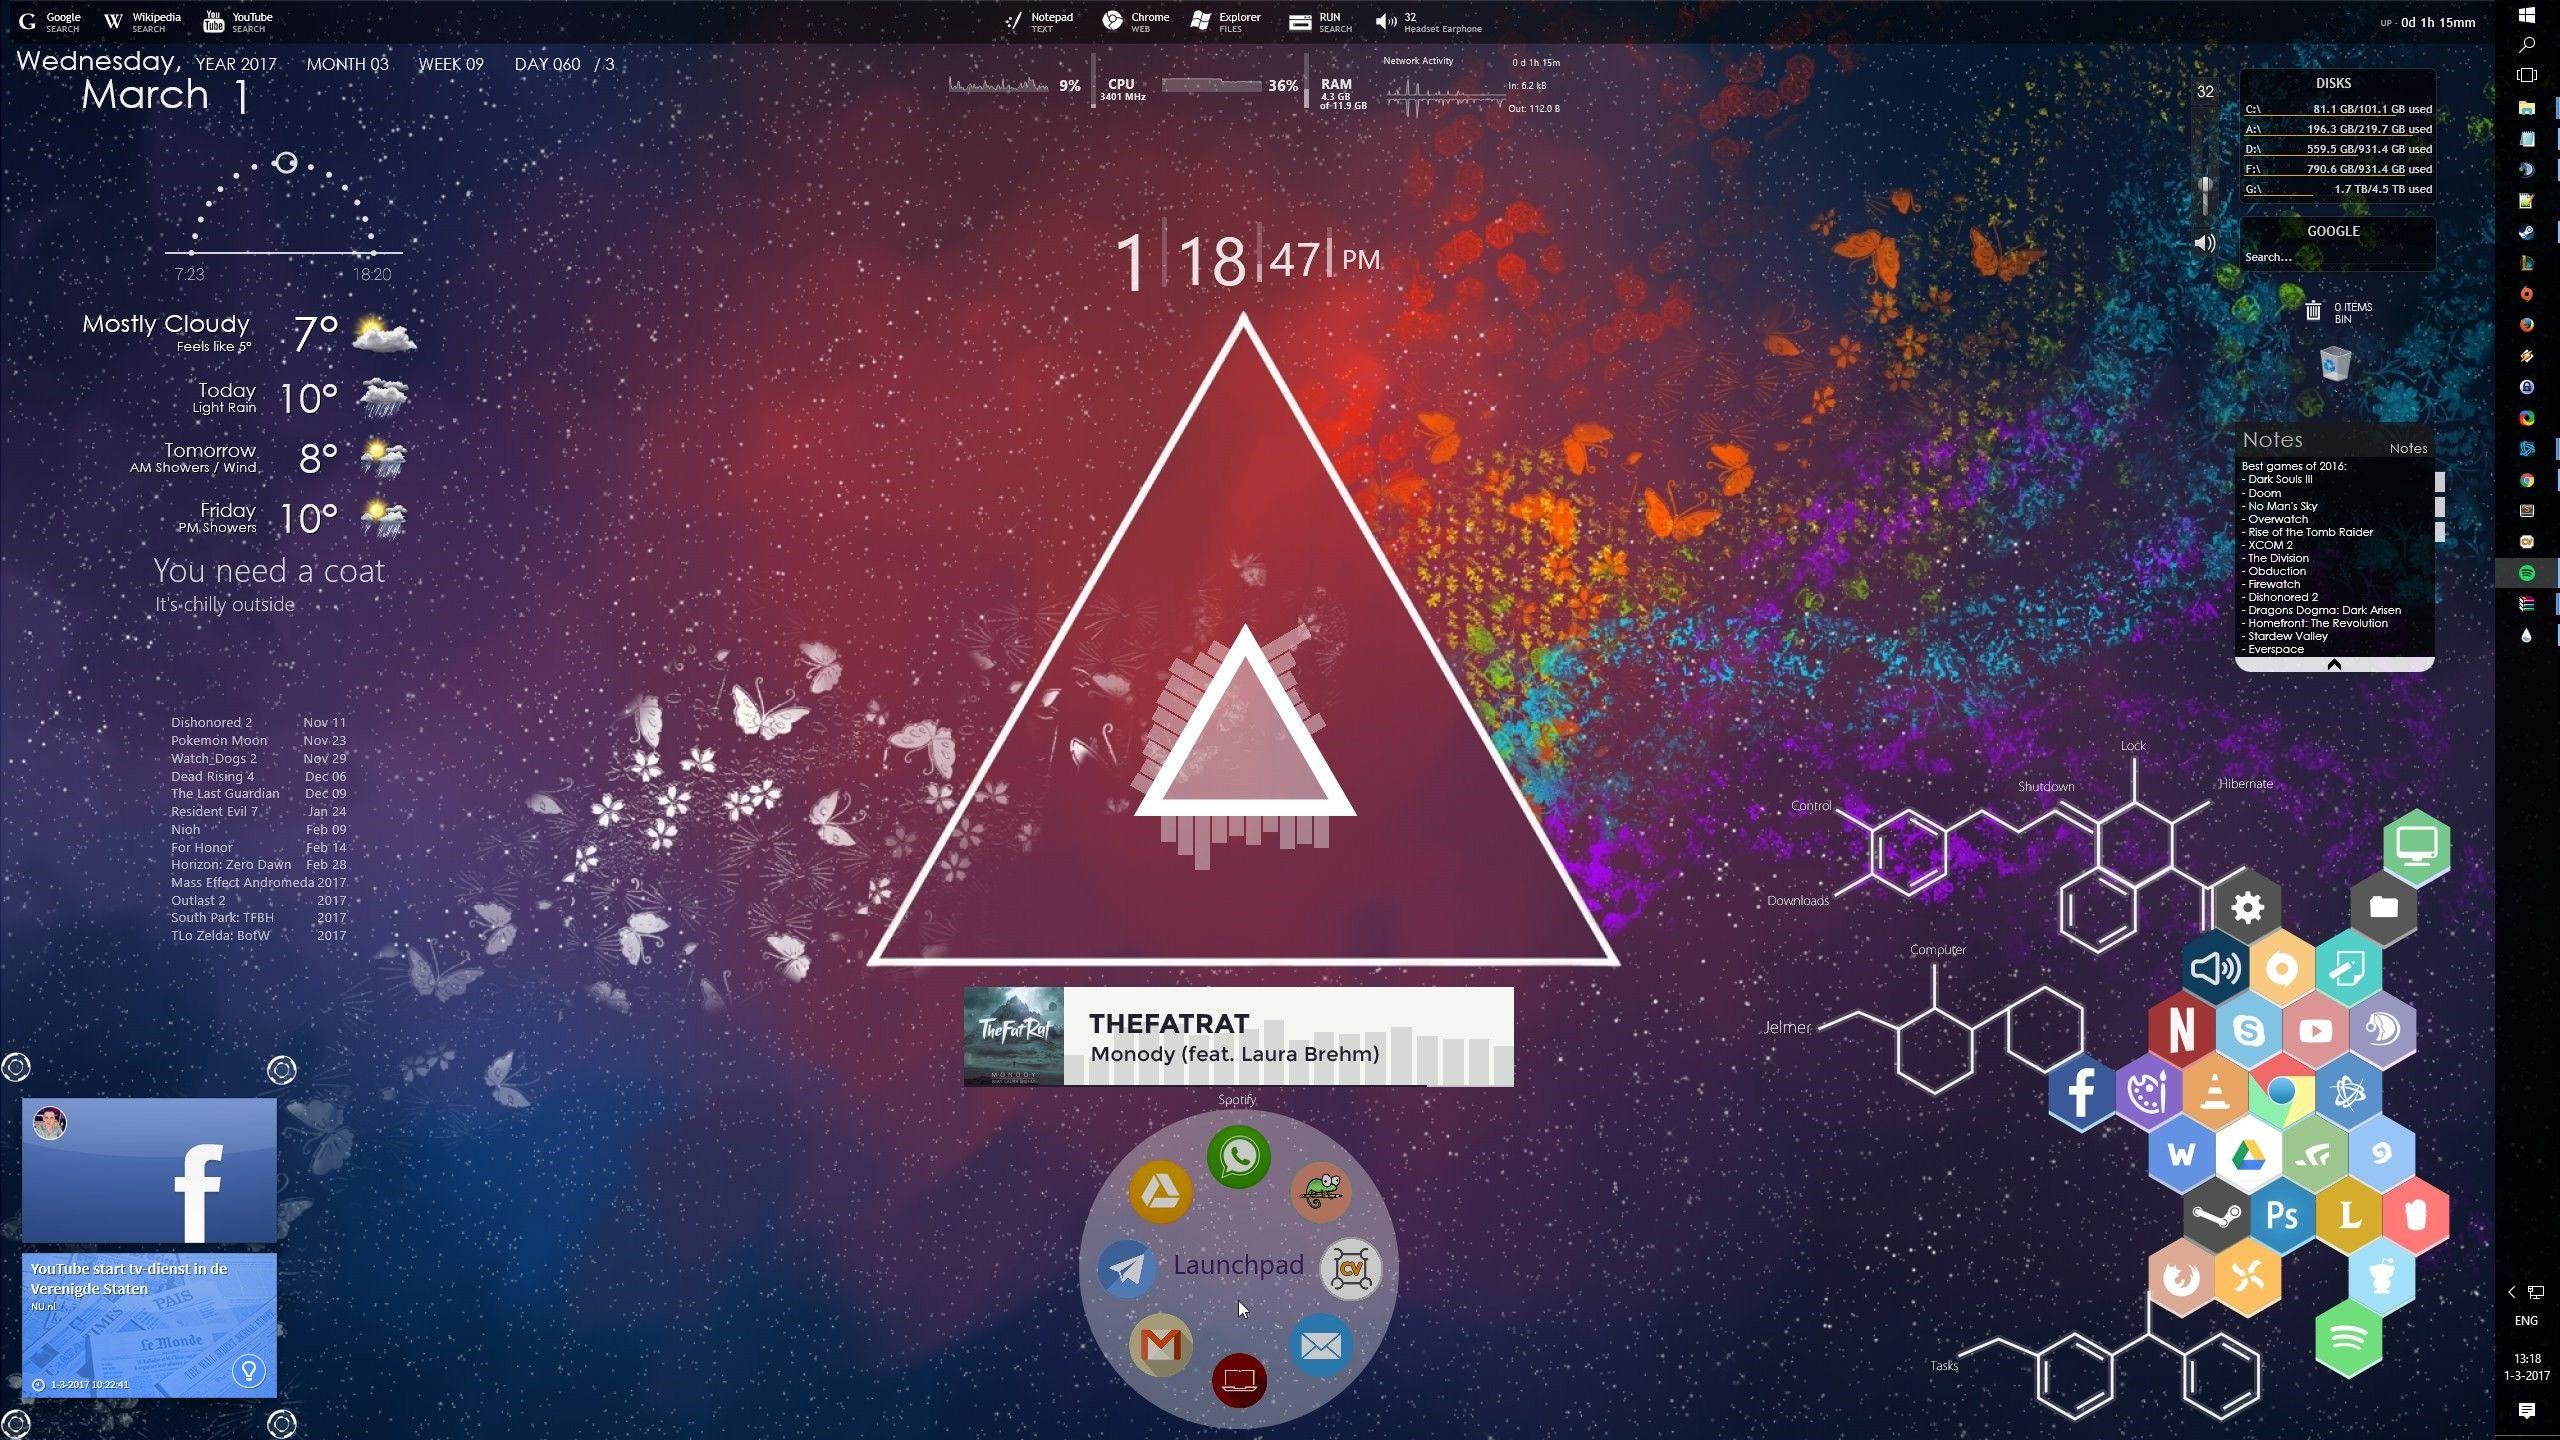 Inspirational Cool Desktop Backgrounds Reddit